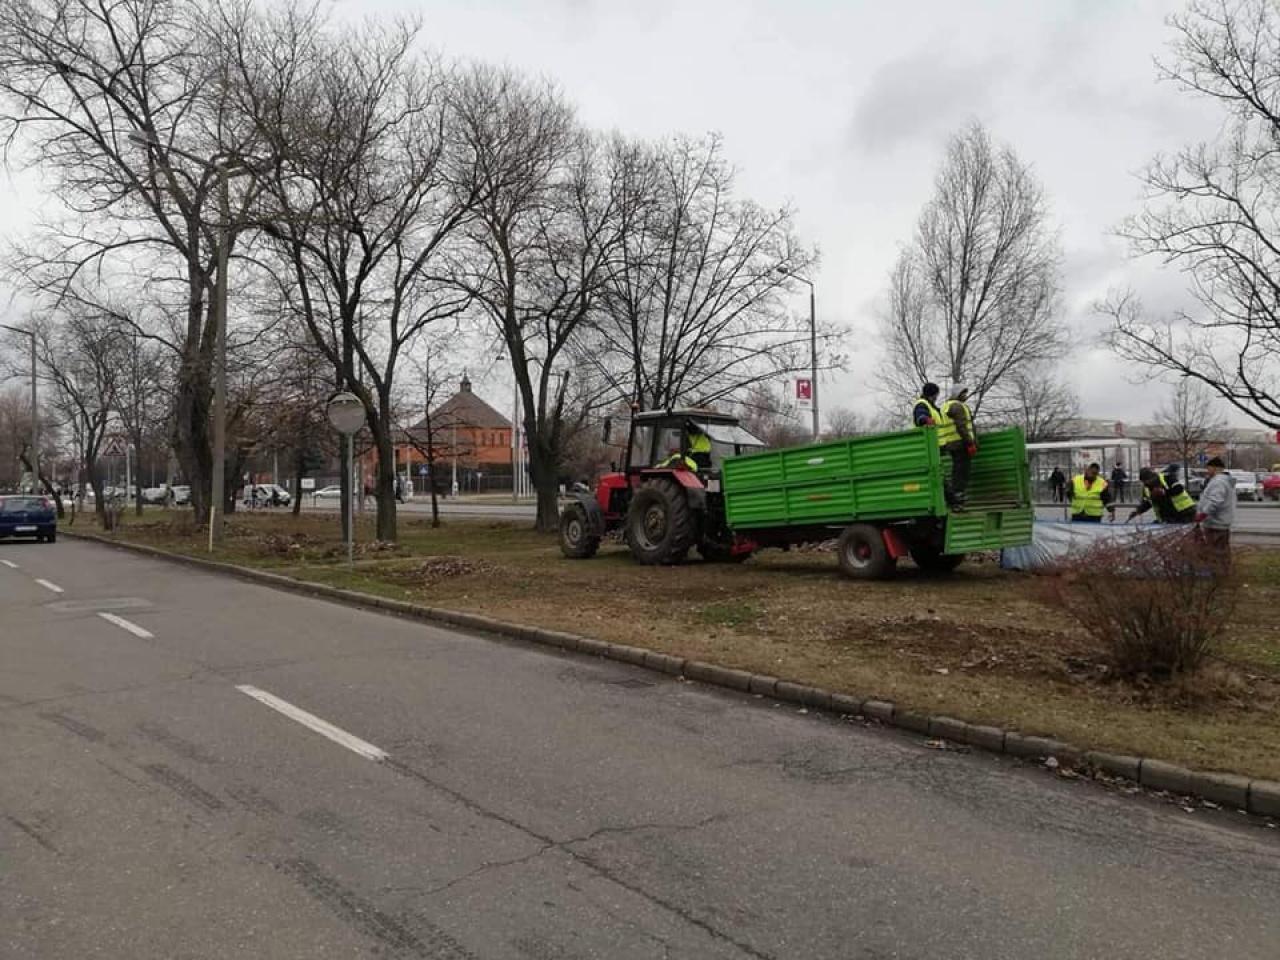 Tavaszi nagytakarítás – Száraz ágakat és leveleket távolít el a NYÍRVV a zöldfelületekről